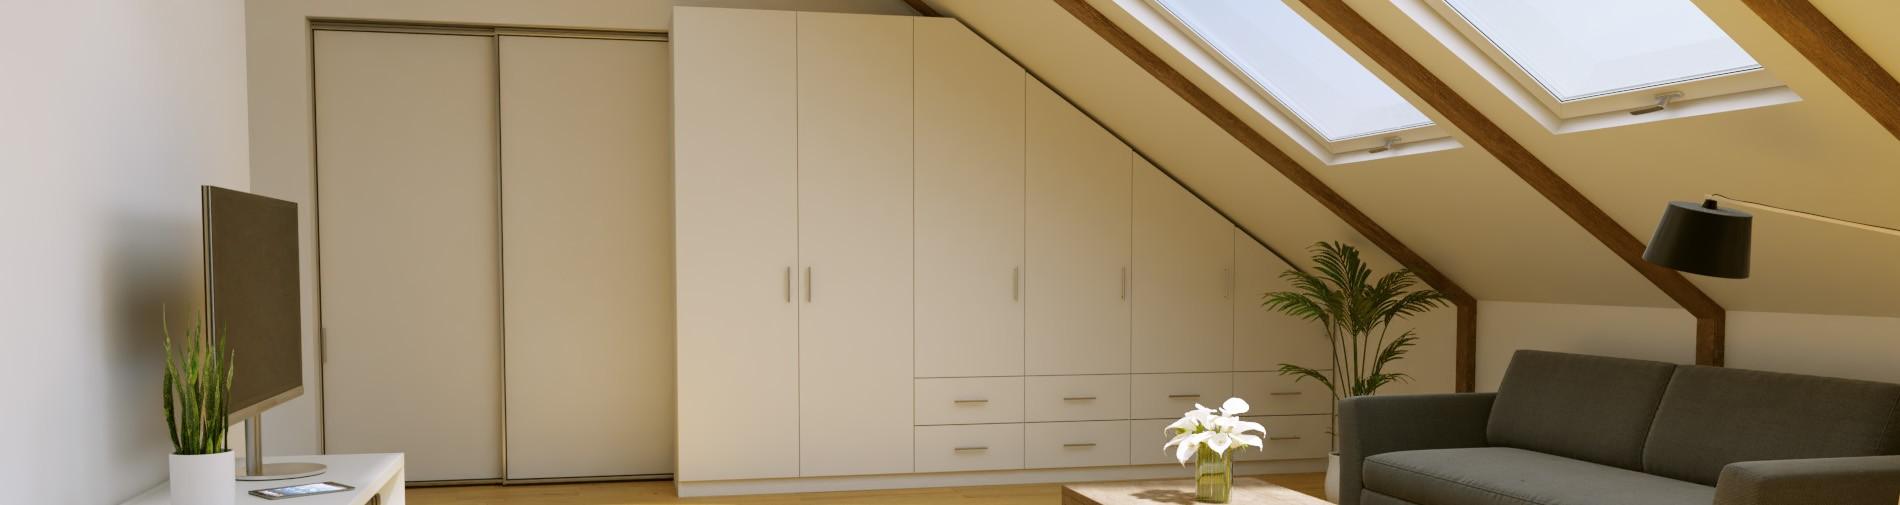 Wohnzimmermöbel Nach Maß Online Planen Kaufen Schrankplanerde